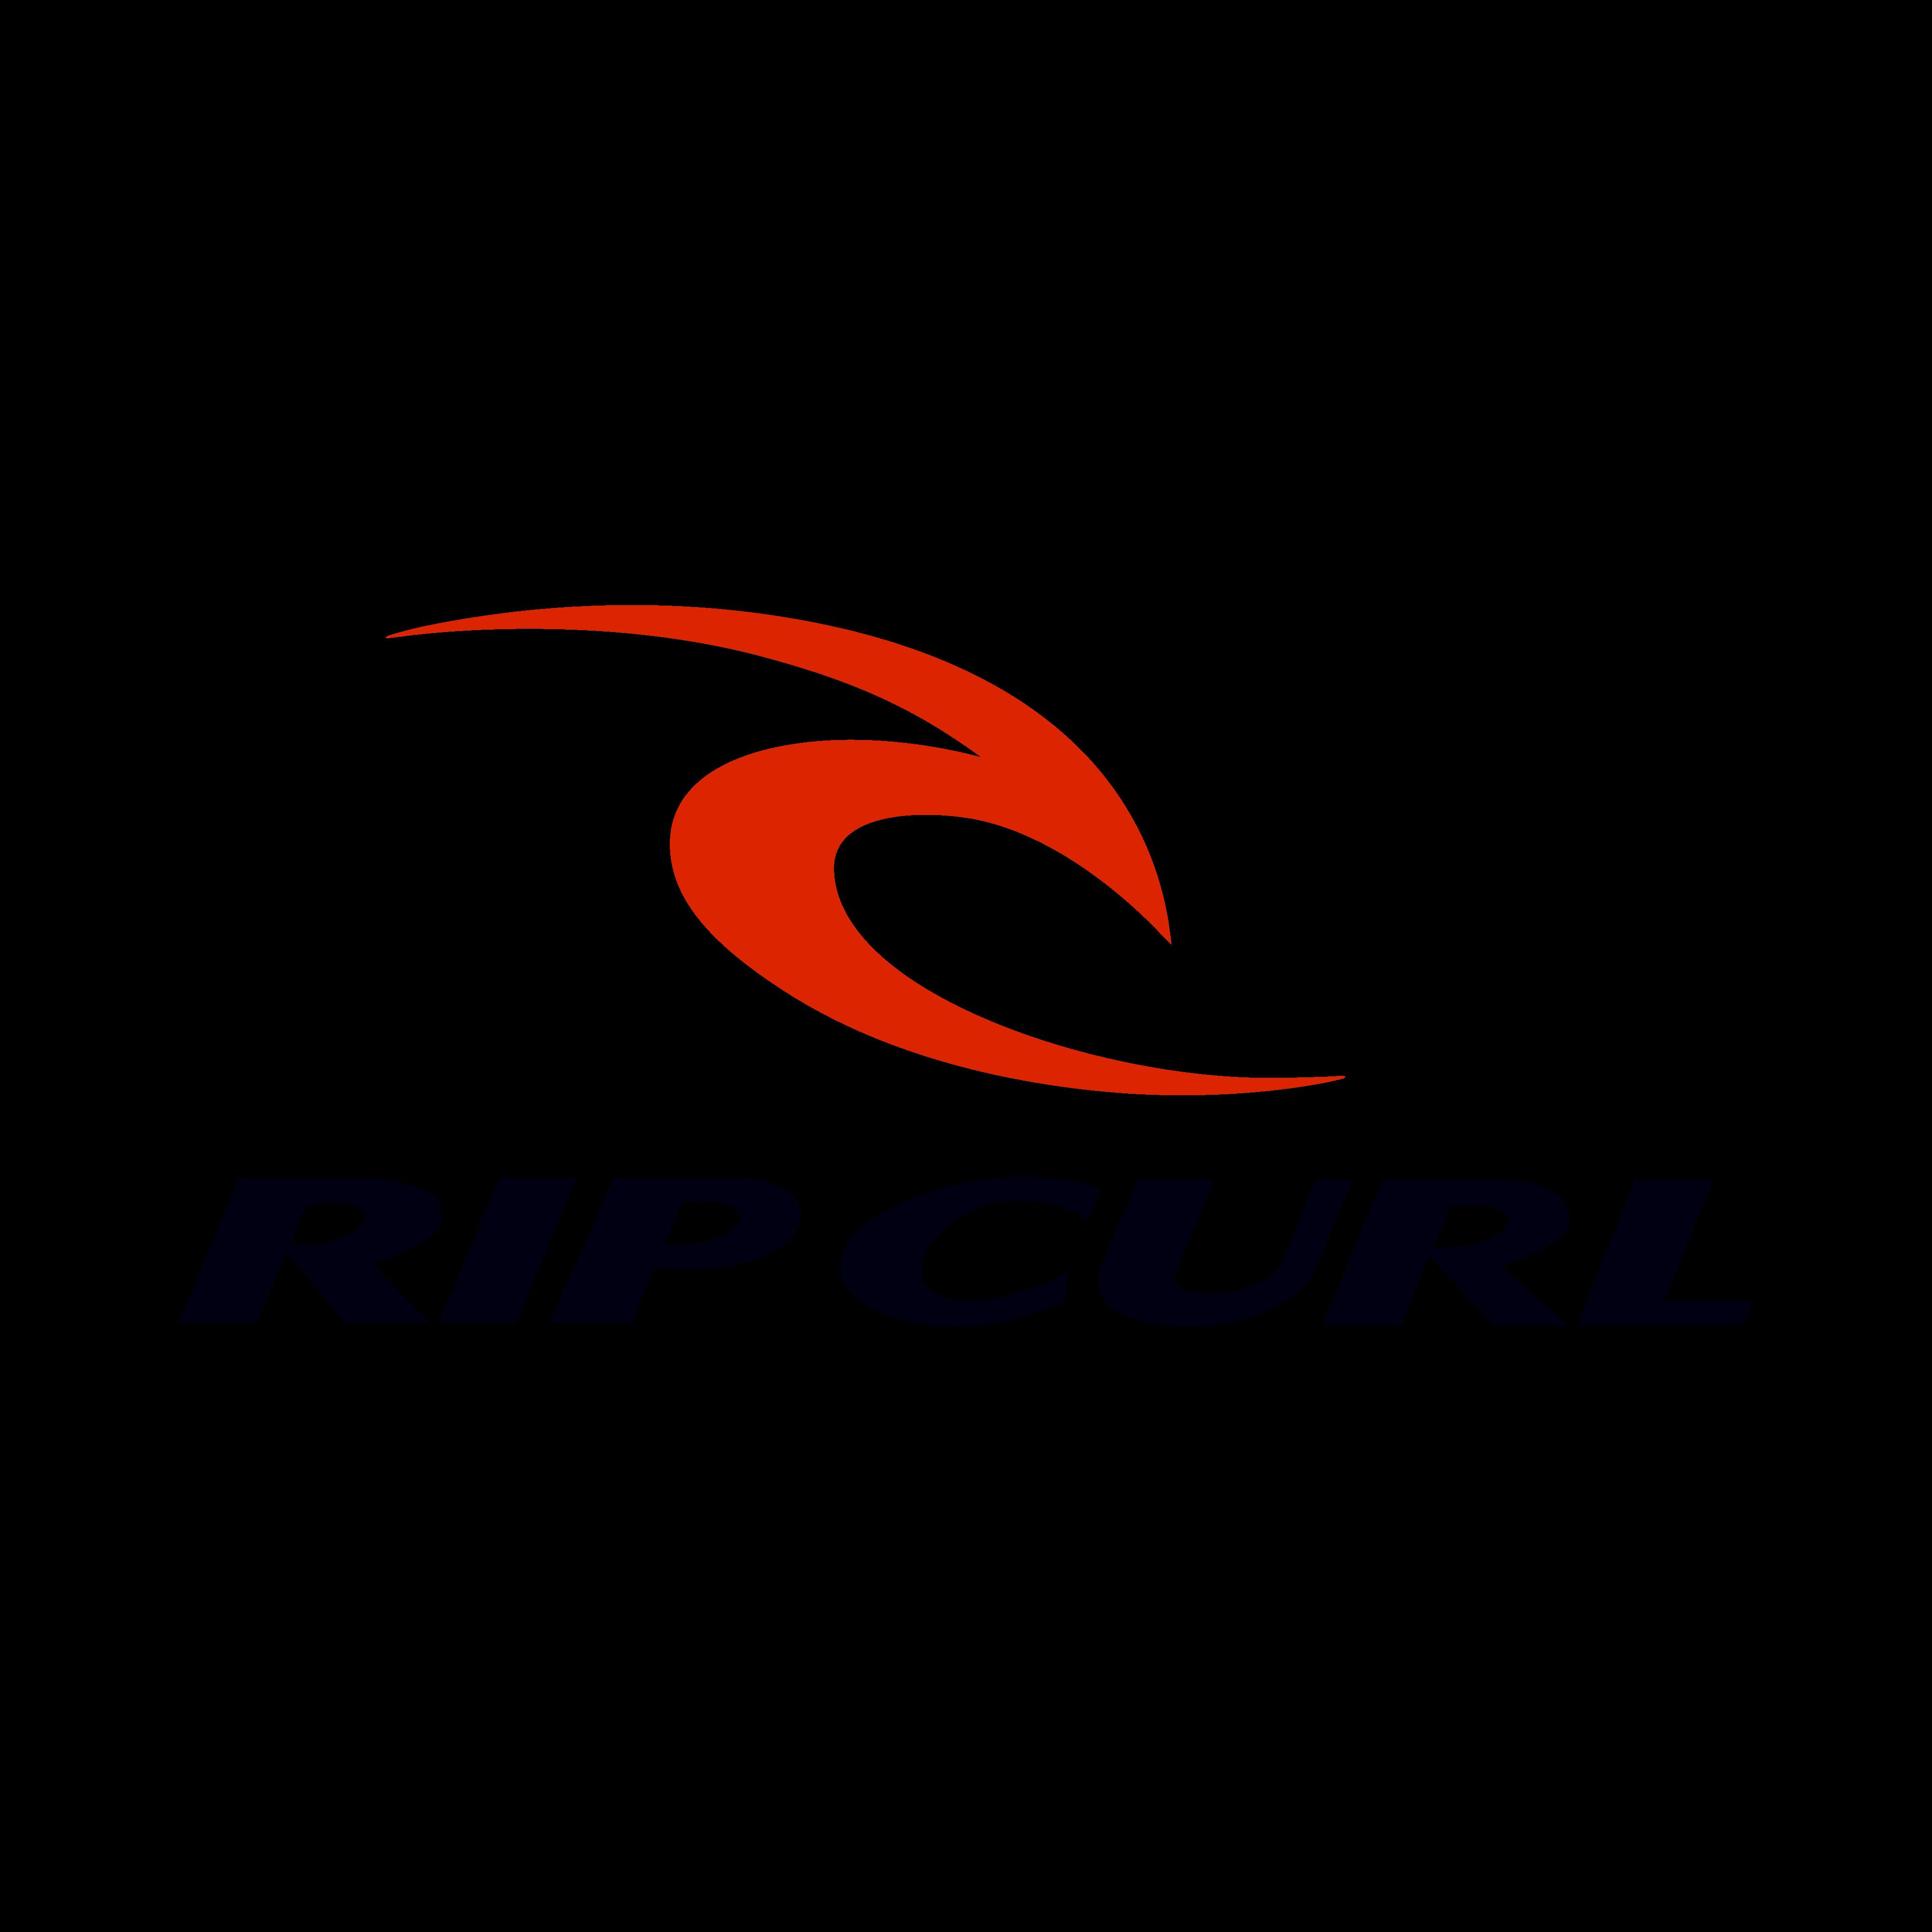 rip curl logo 0 - Rip Curl Logo